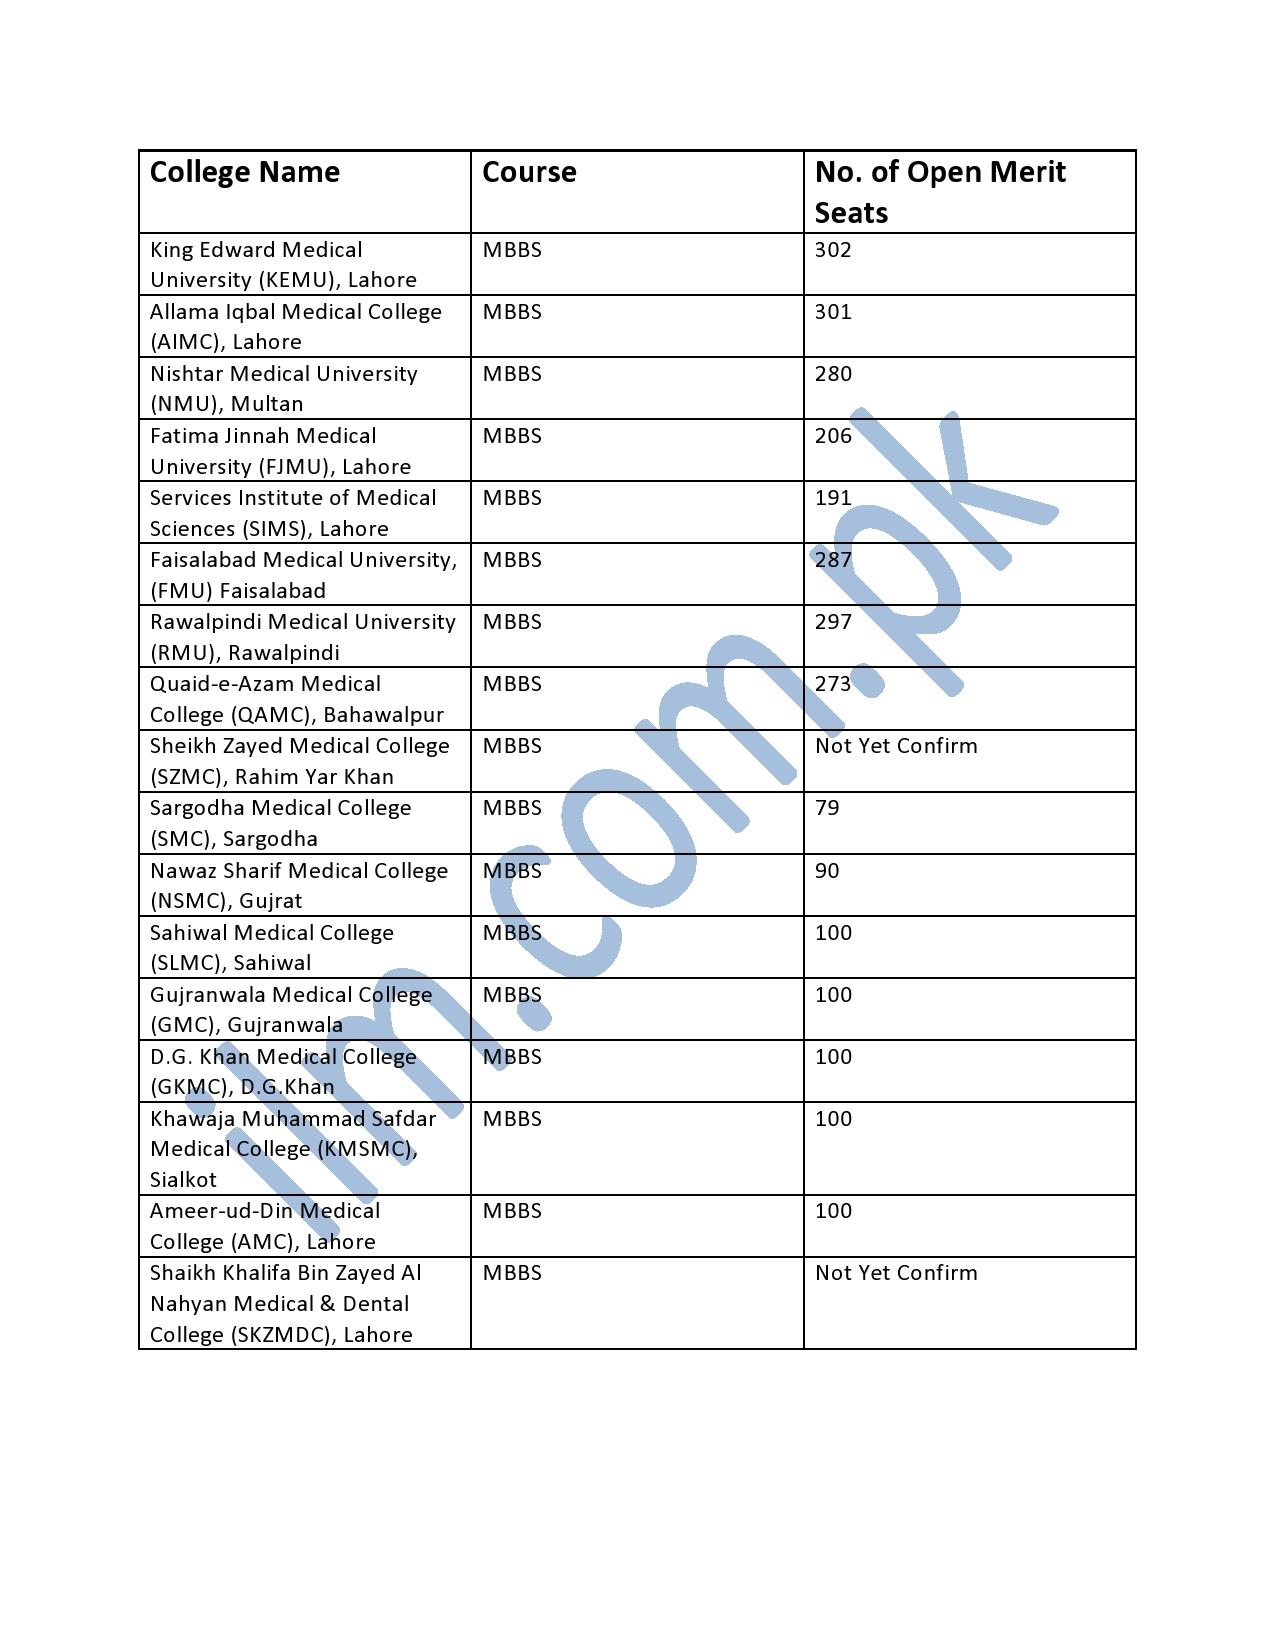 UHS Seats Distribution 2021